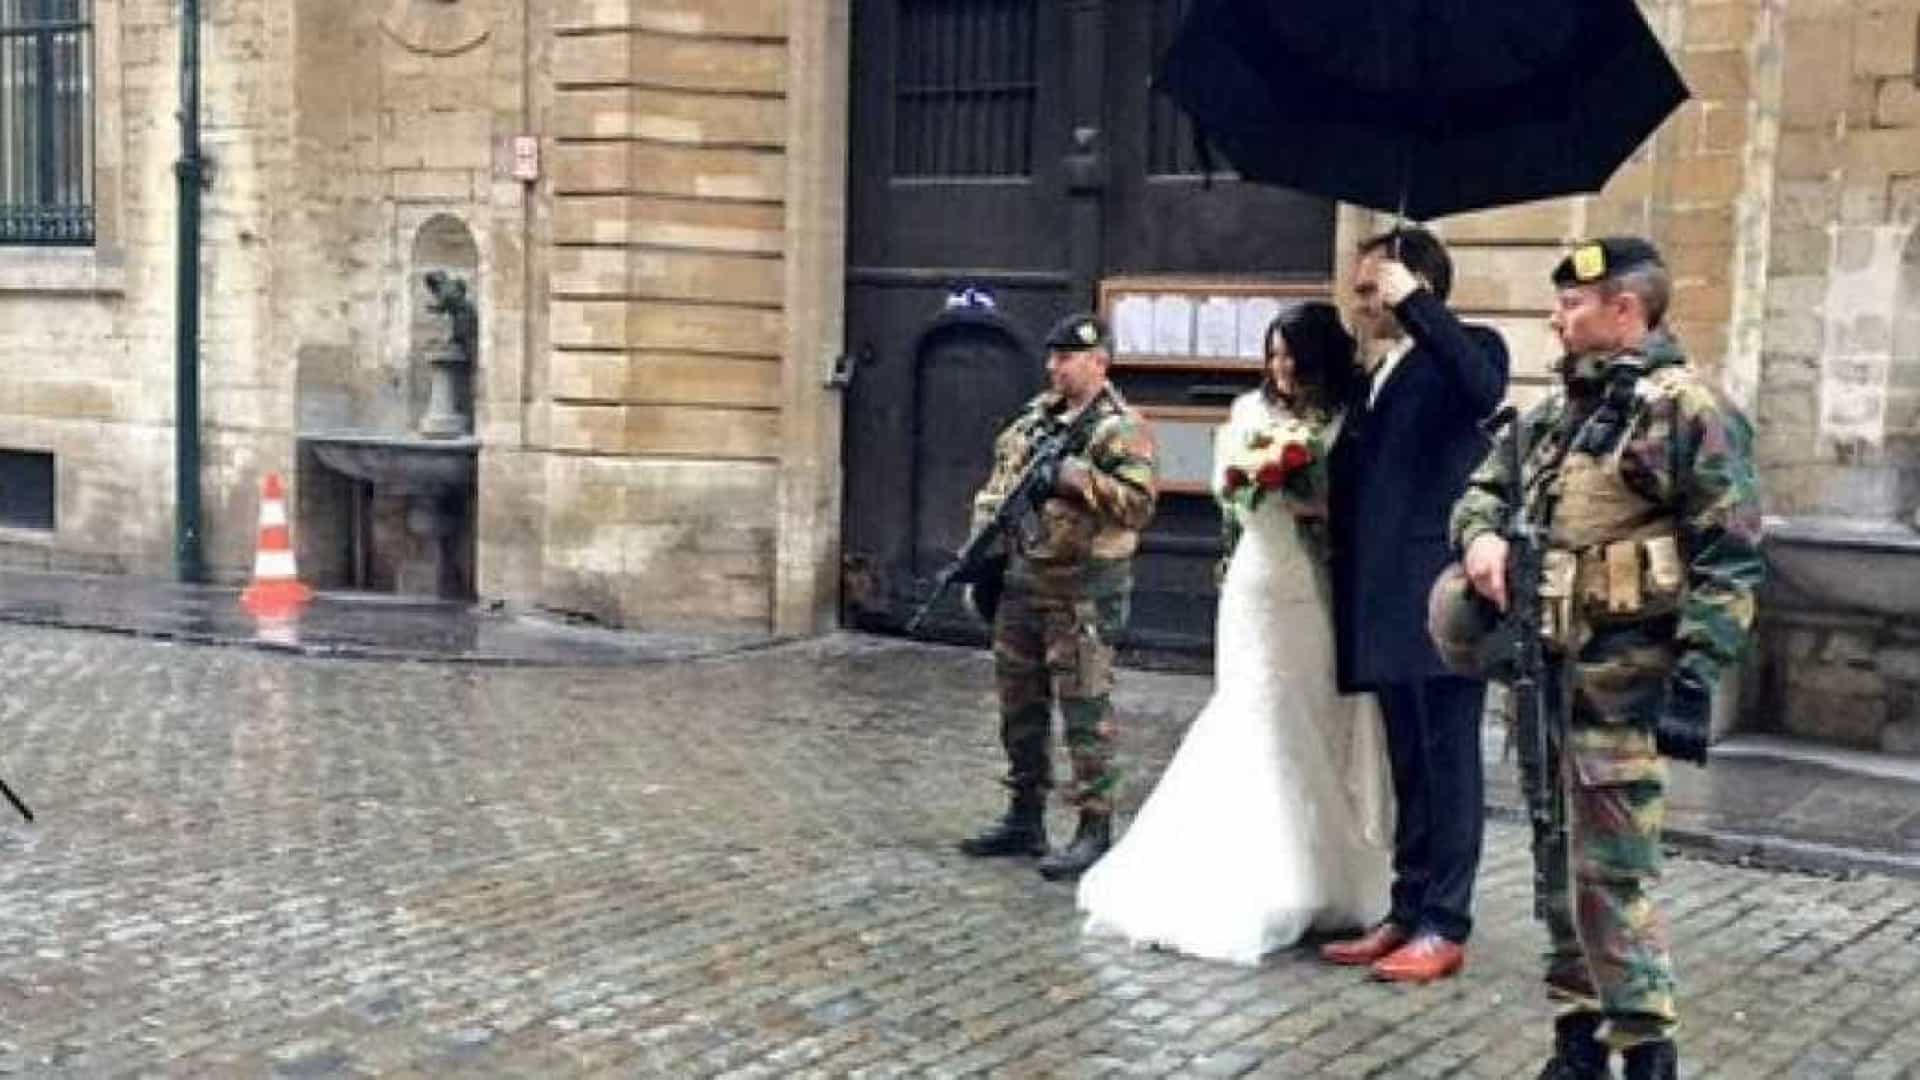 Apesar de ameaça terrorista, este casamento não foi adiado